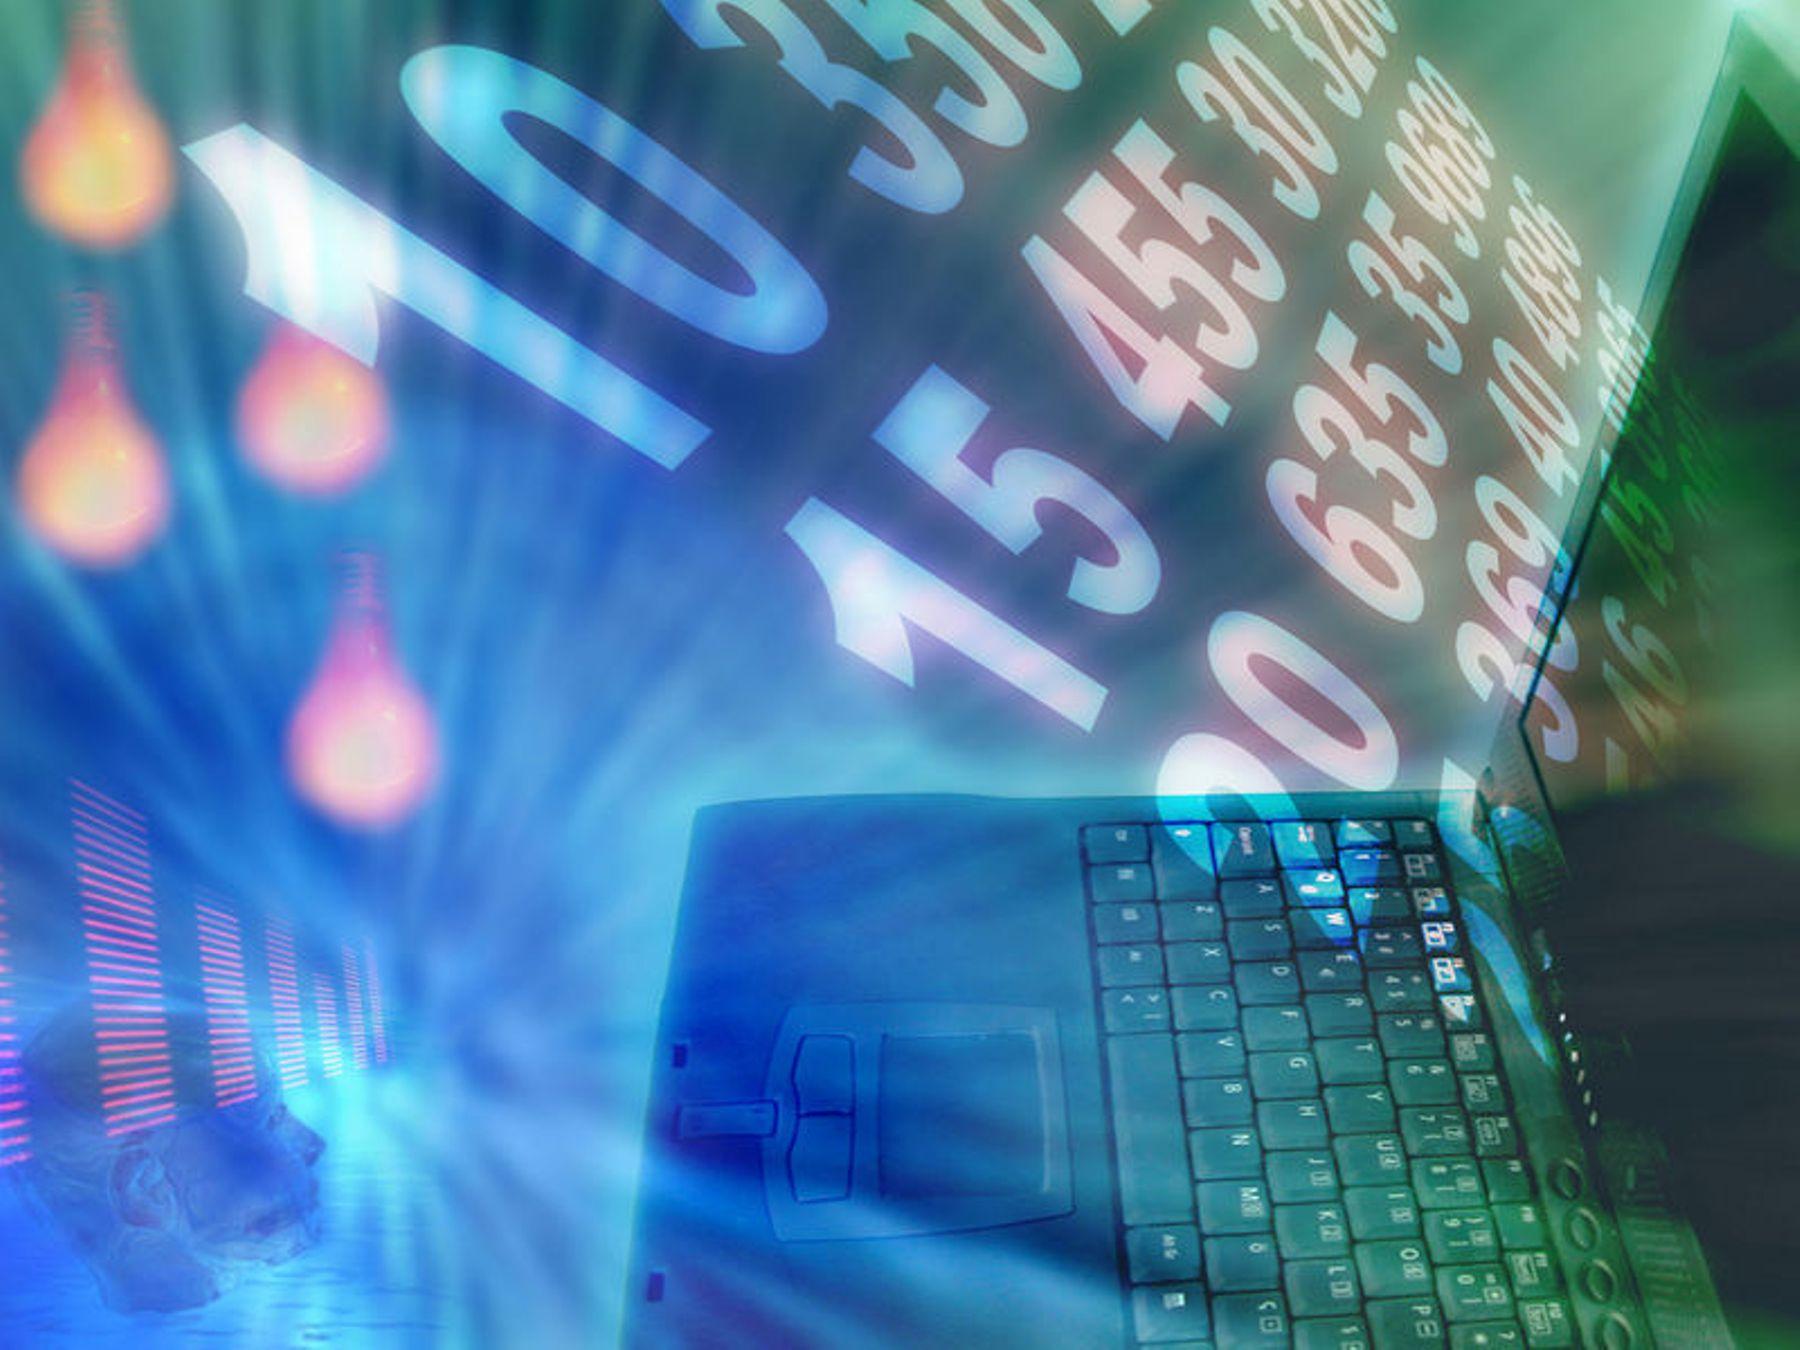 Judul Laporan Cps Jurusan Komputer Aplikasi Bisnis Cerita Sex Majalah Bokep Hot Foto Abg Bugil Dewasa Terbaru 1800 X 1350 Jpeg 202kb Perbedaan Antara Teknik Informatika Teknologi